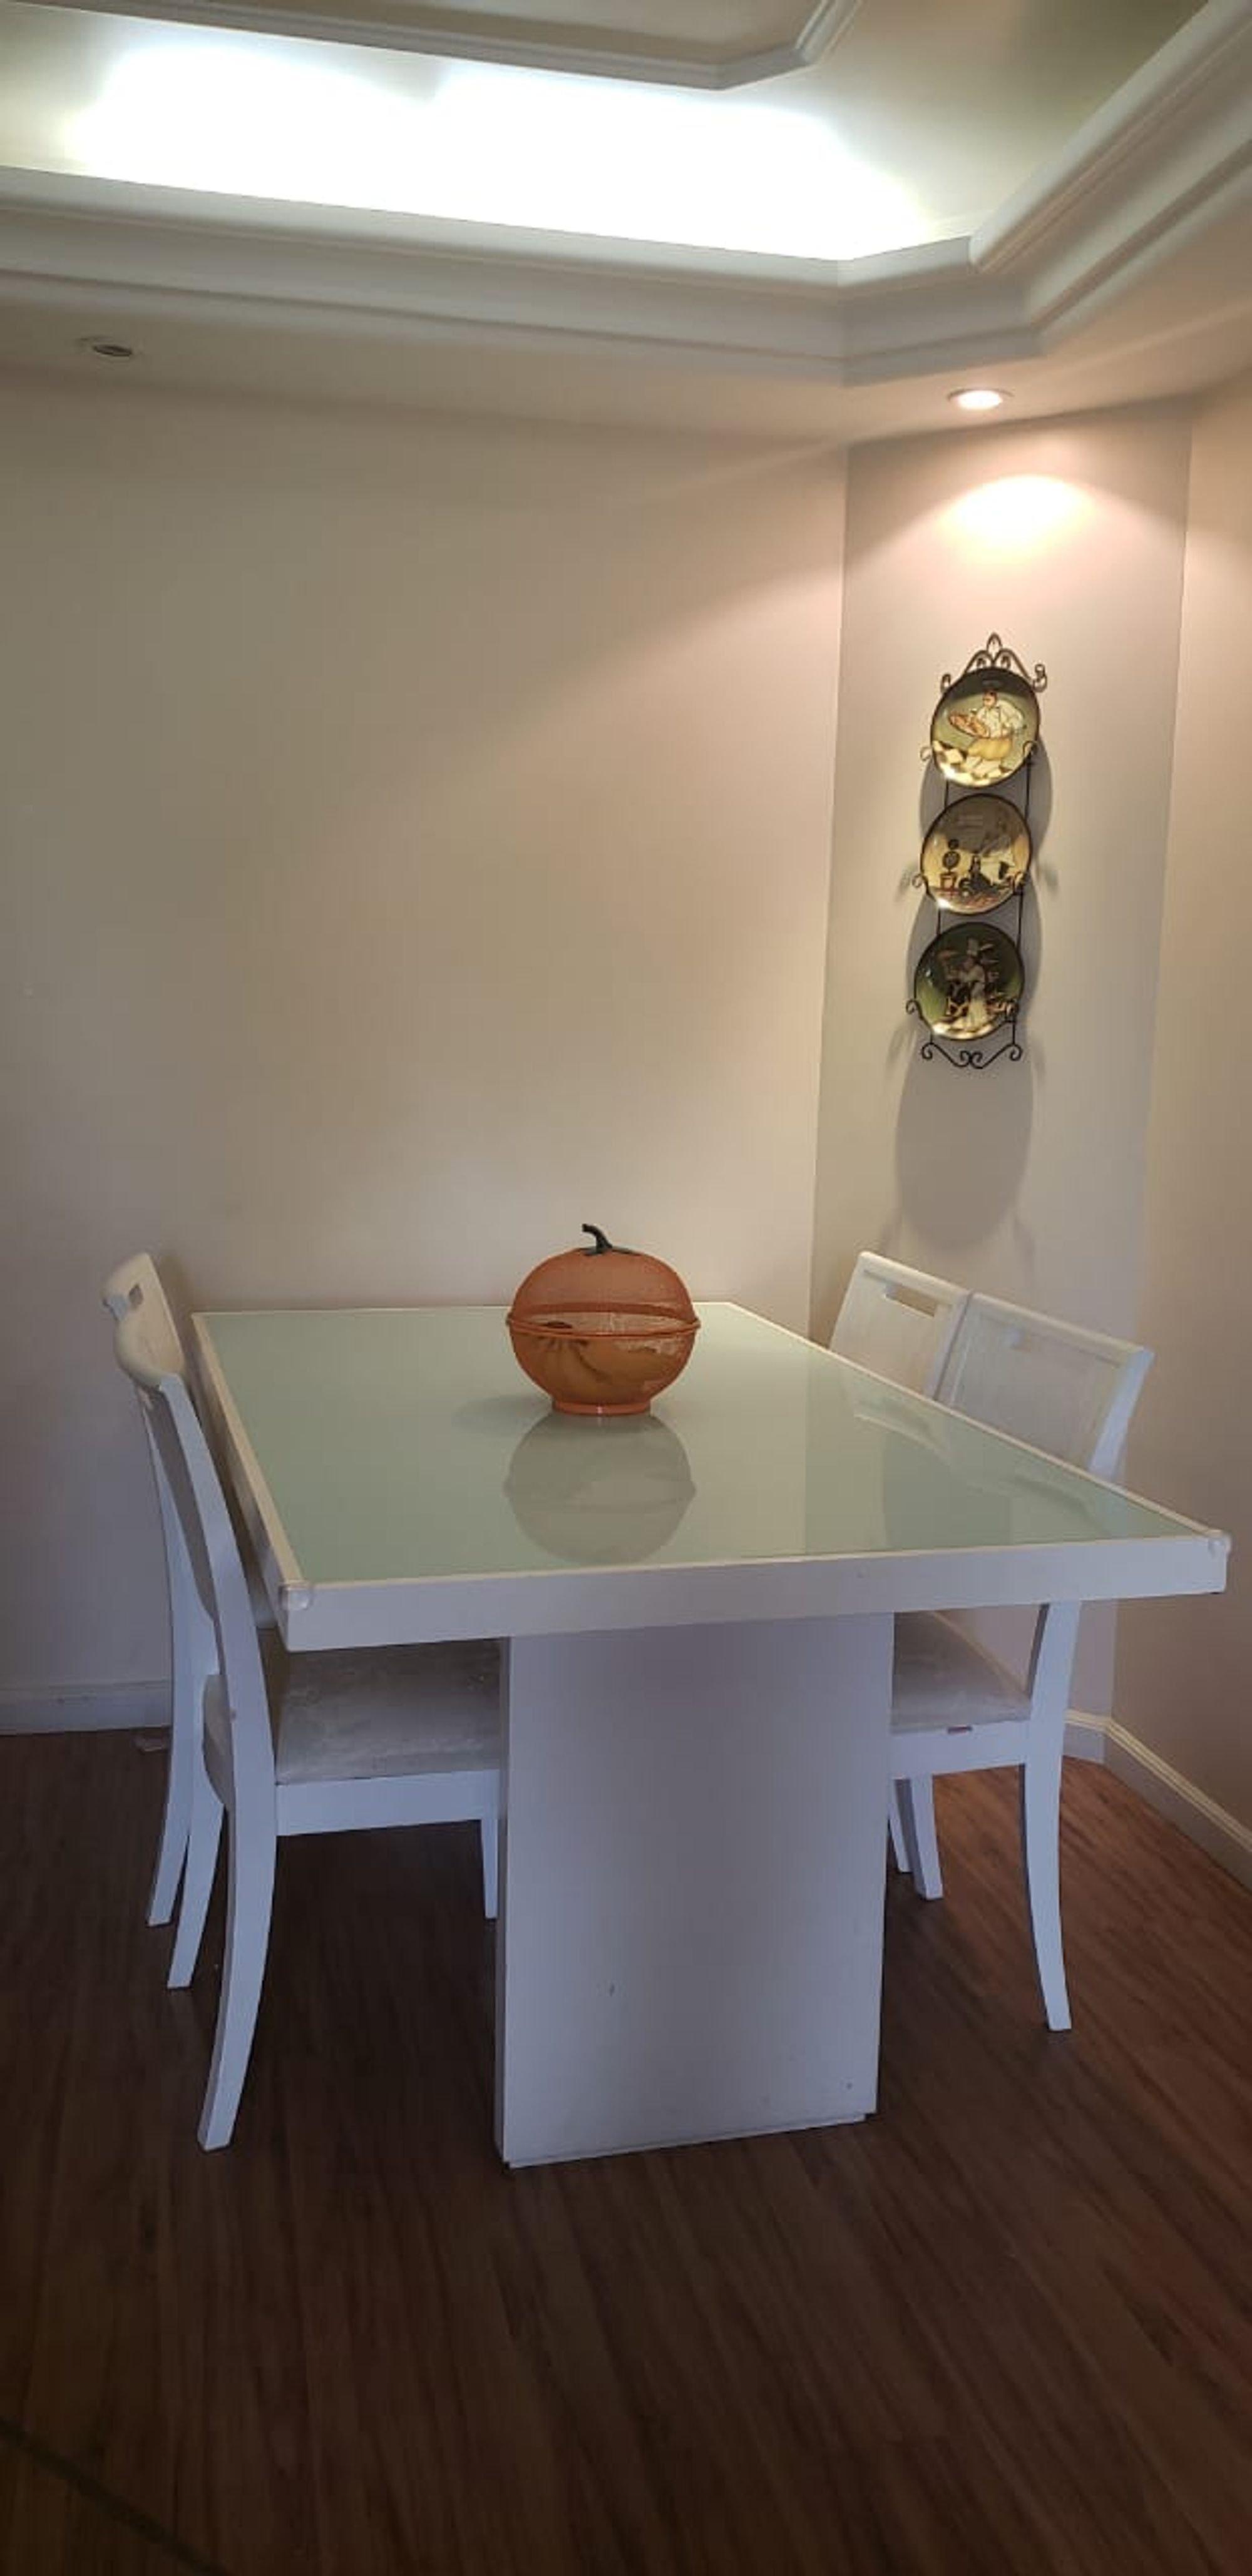 Foto de Hall com mesa de jantar